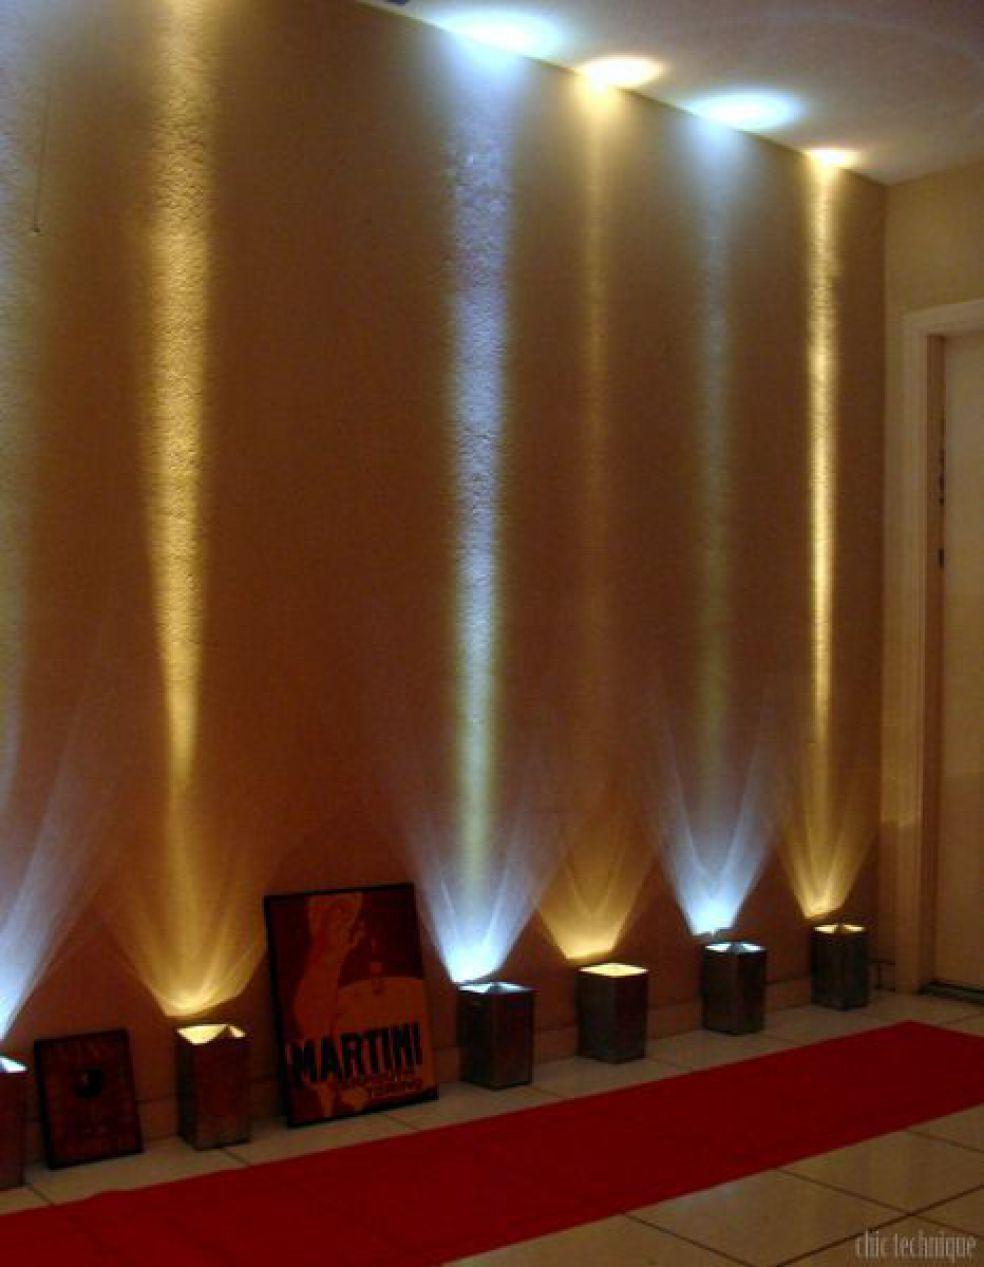 Decoration De Salle Pour Nouvel An 15 brilliant new year's eve party diy ideas to dress up your